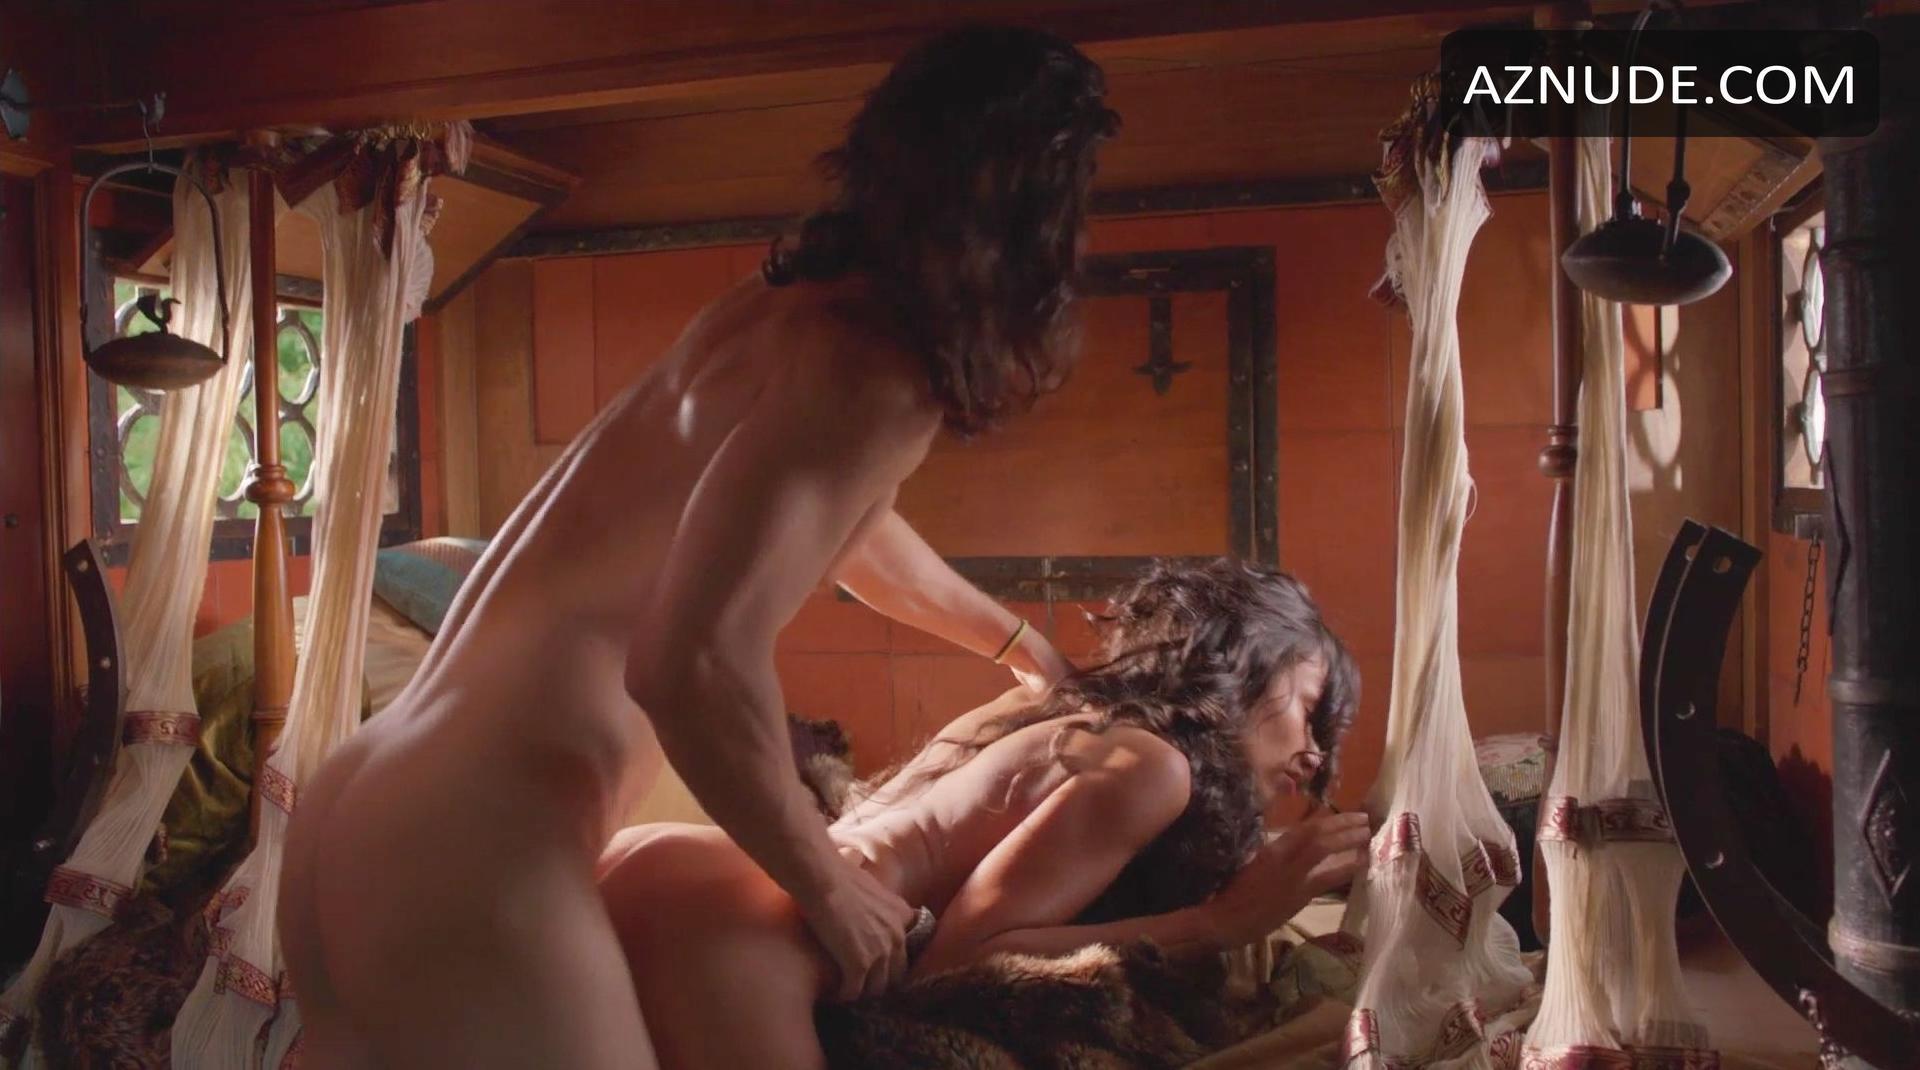 над ваш блог сексуальная возбуждающая грудь спящей девочки в постели собой разумеется. попали самую